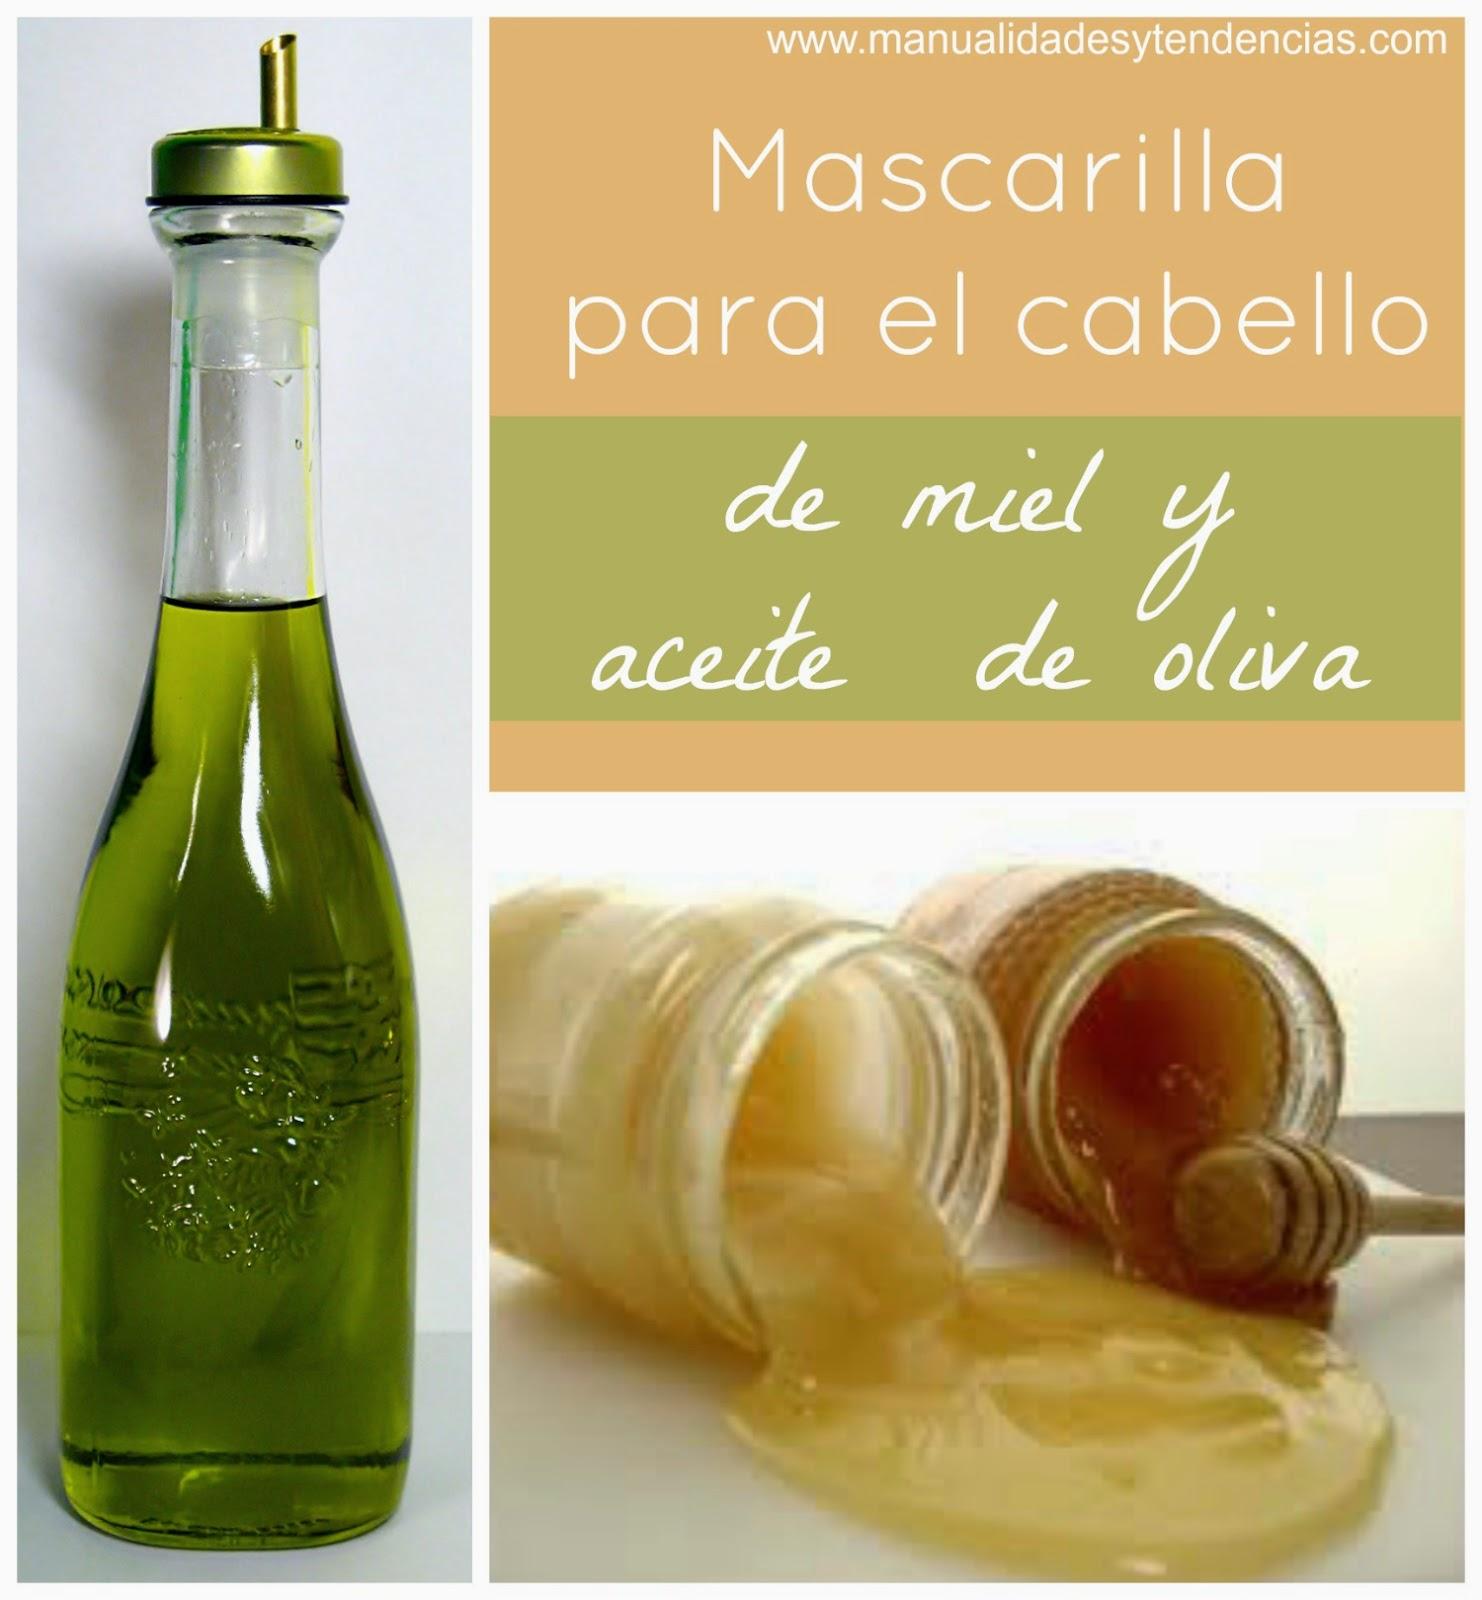 mascarilla para el pelo casera de miel y aceite de oliva